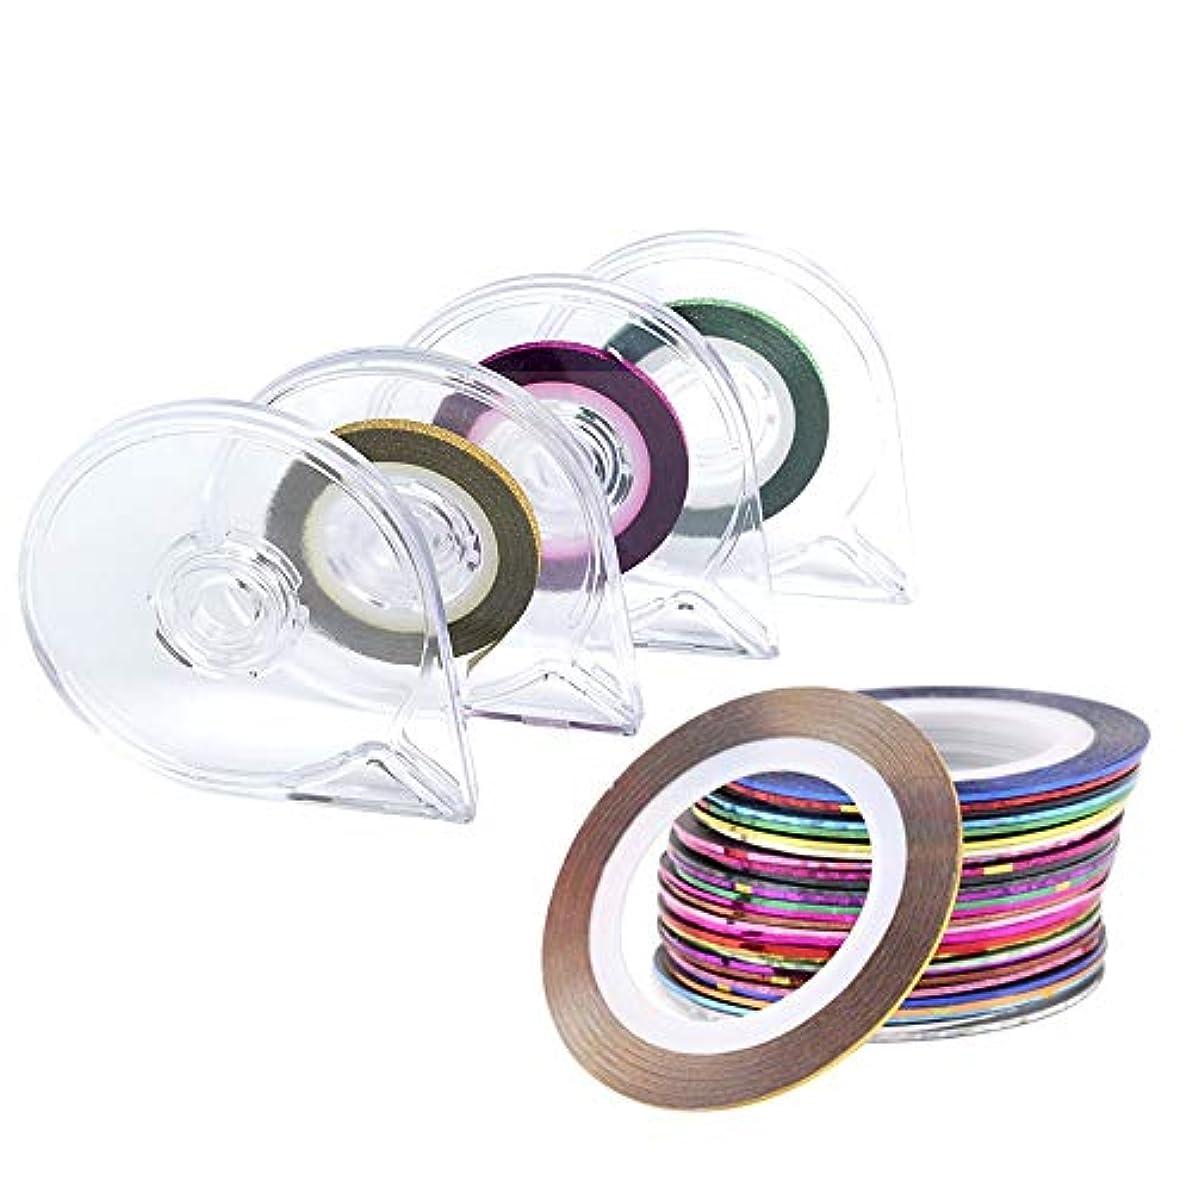 信者遺体安置所所有者ラインテープネイルアート用 ラインテープ シート ジェルネイル用 マニキュア セット ジェルネイル アート用ラインテープ 専用ケース付き 30ピース (Color : Mixed Colour)